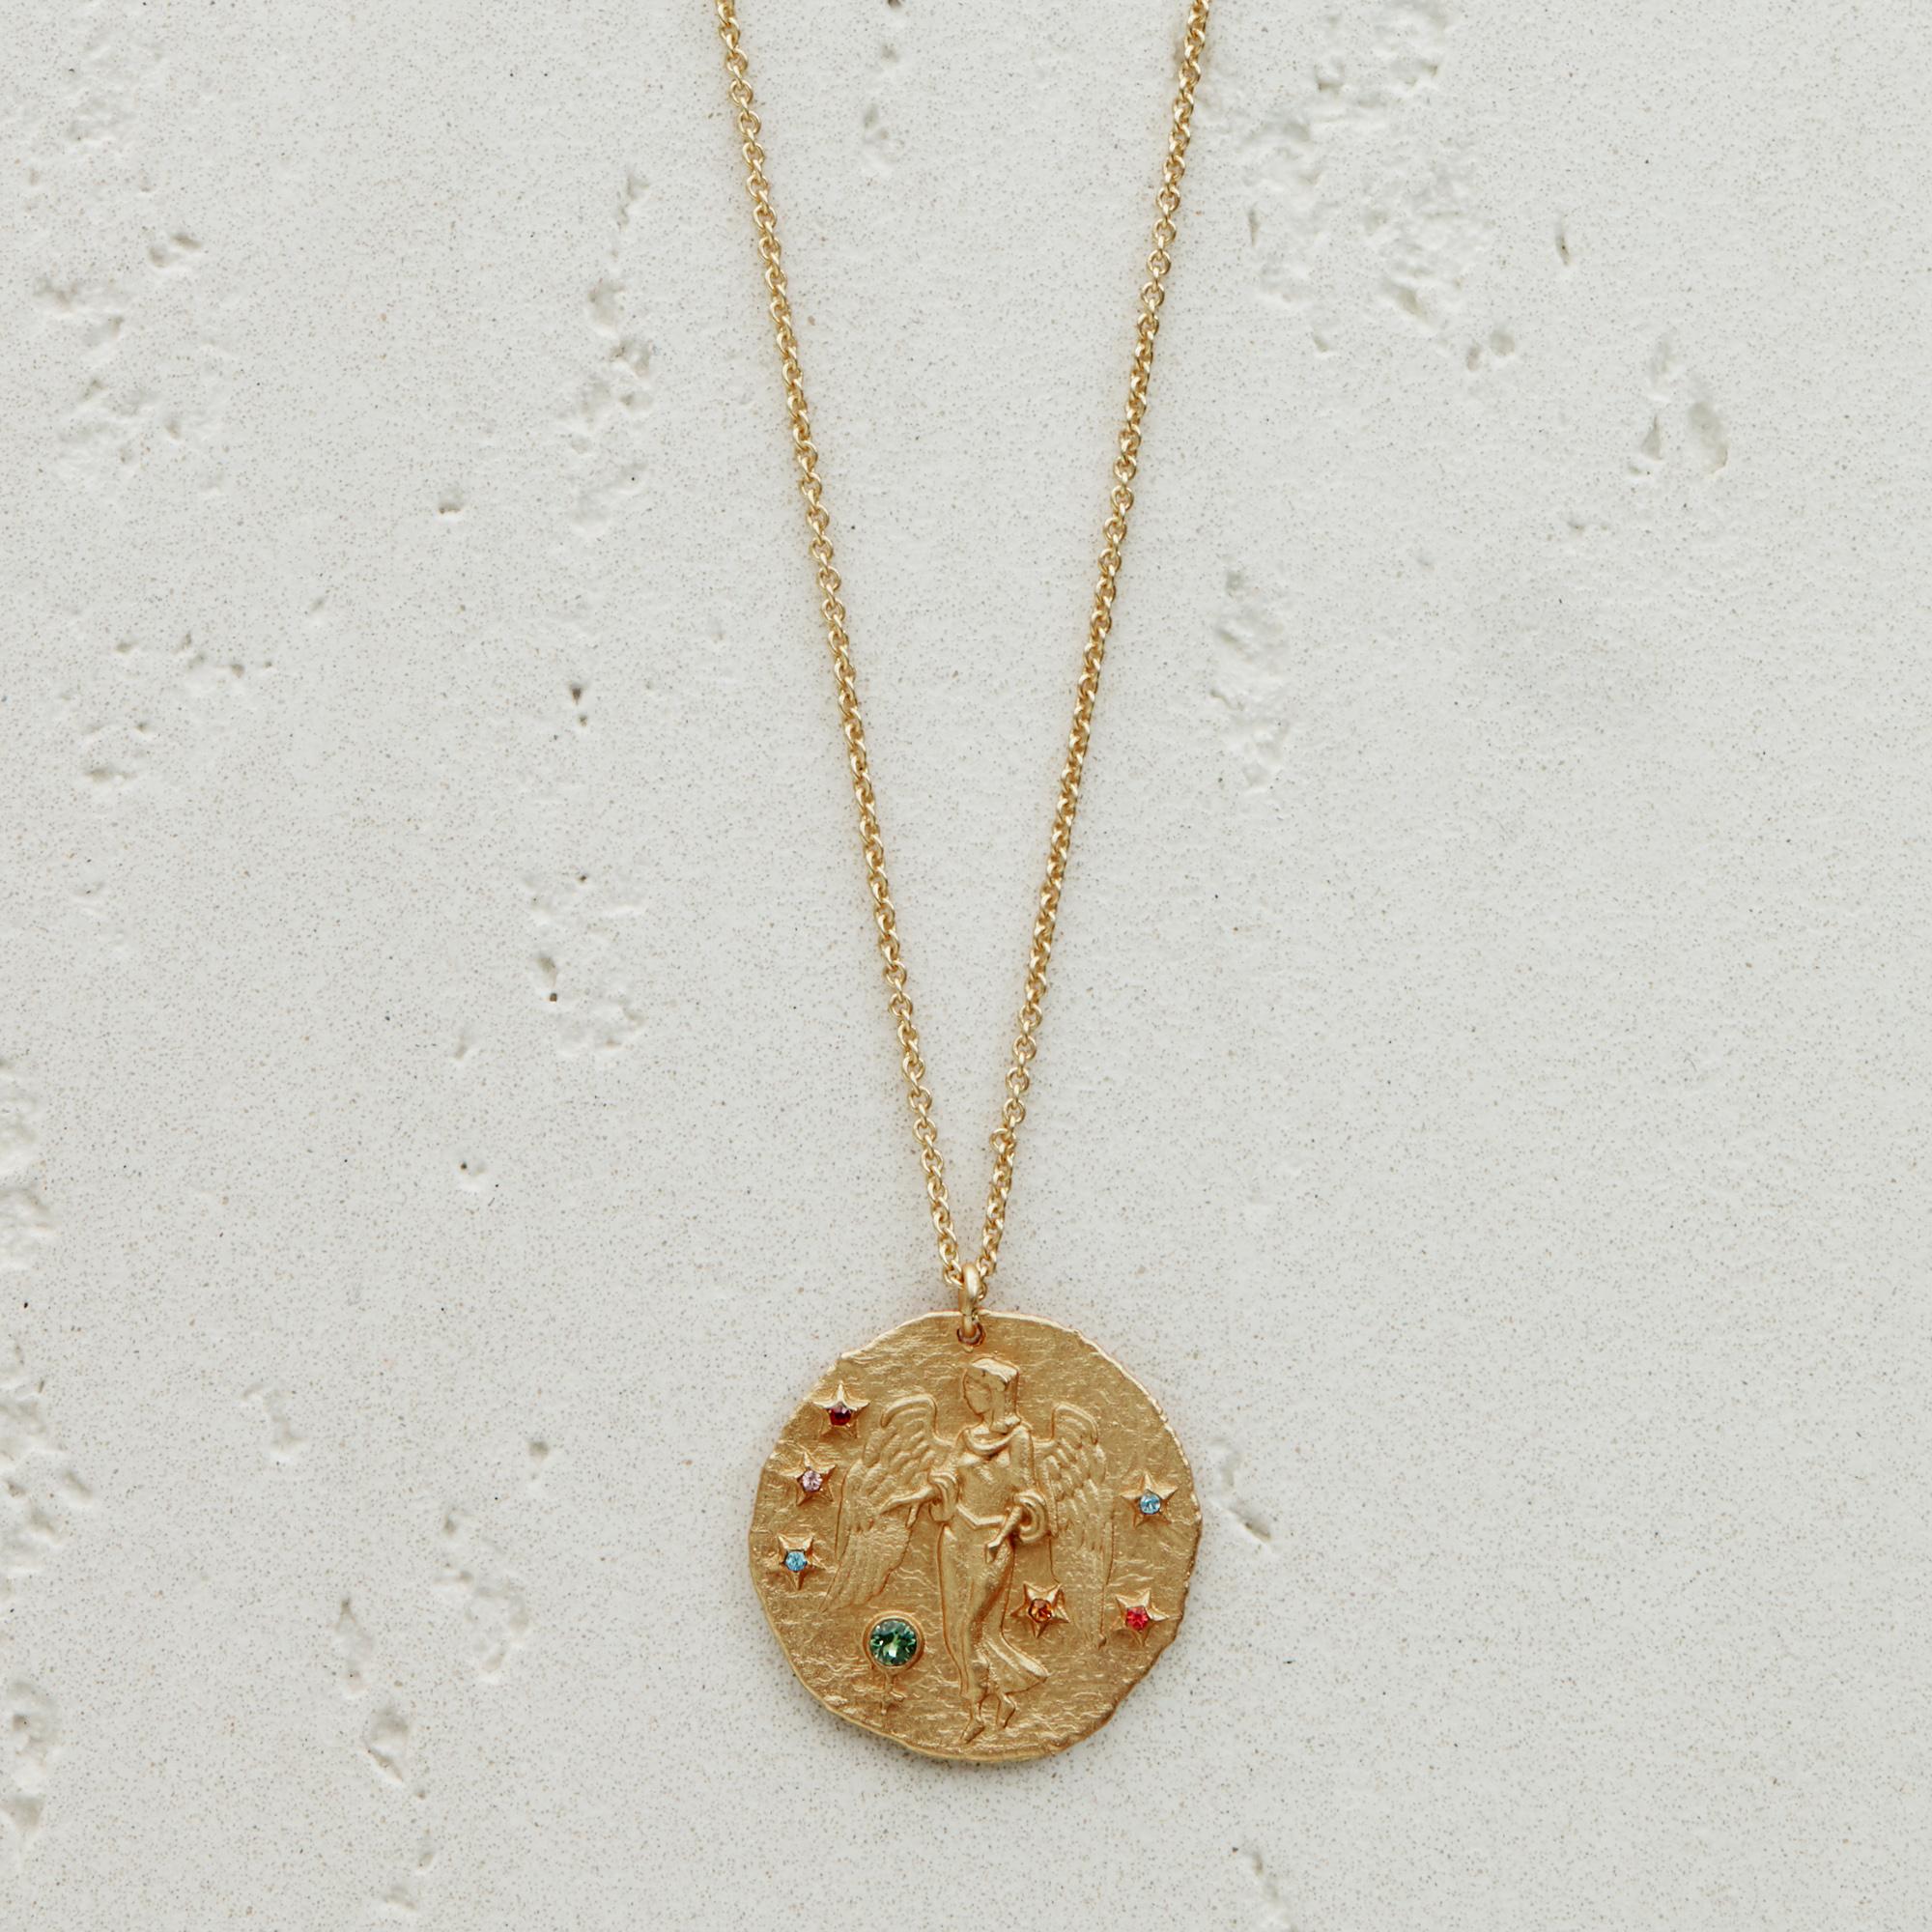 Virgo Astro necklace - Gold